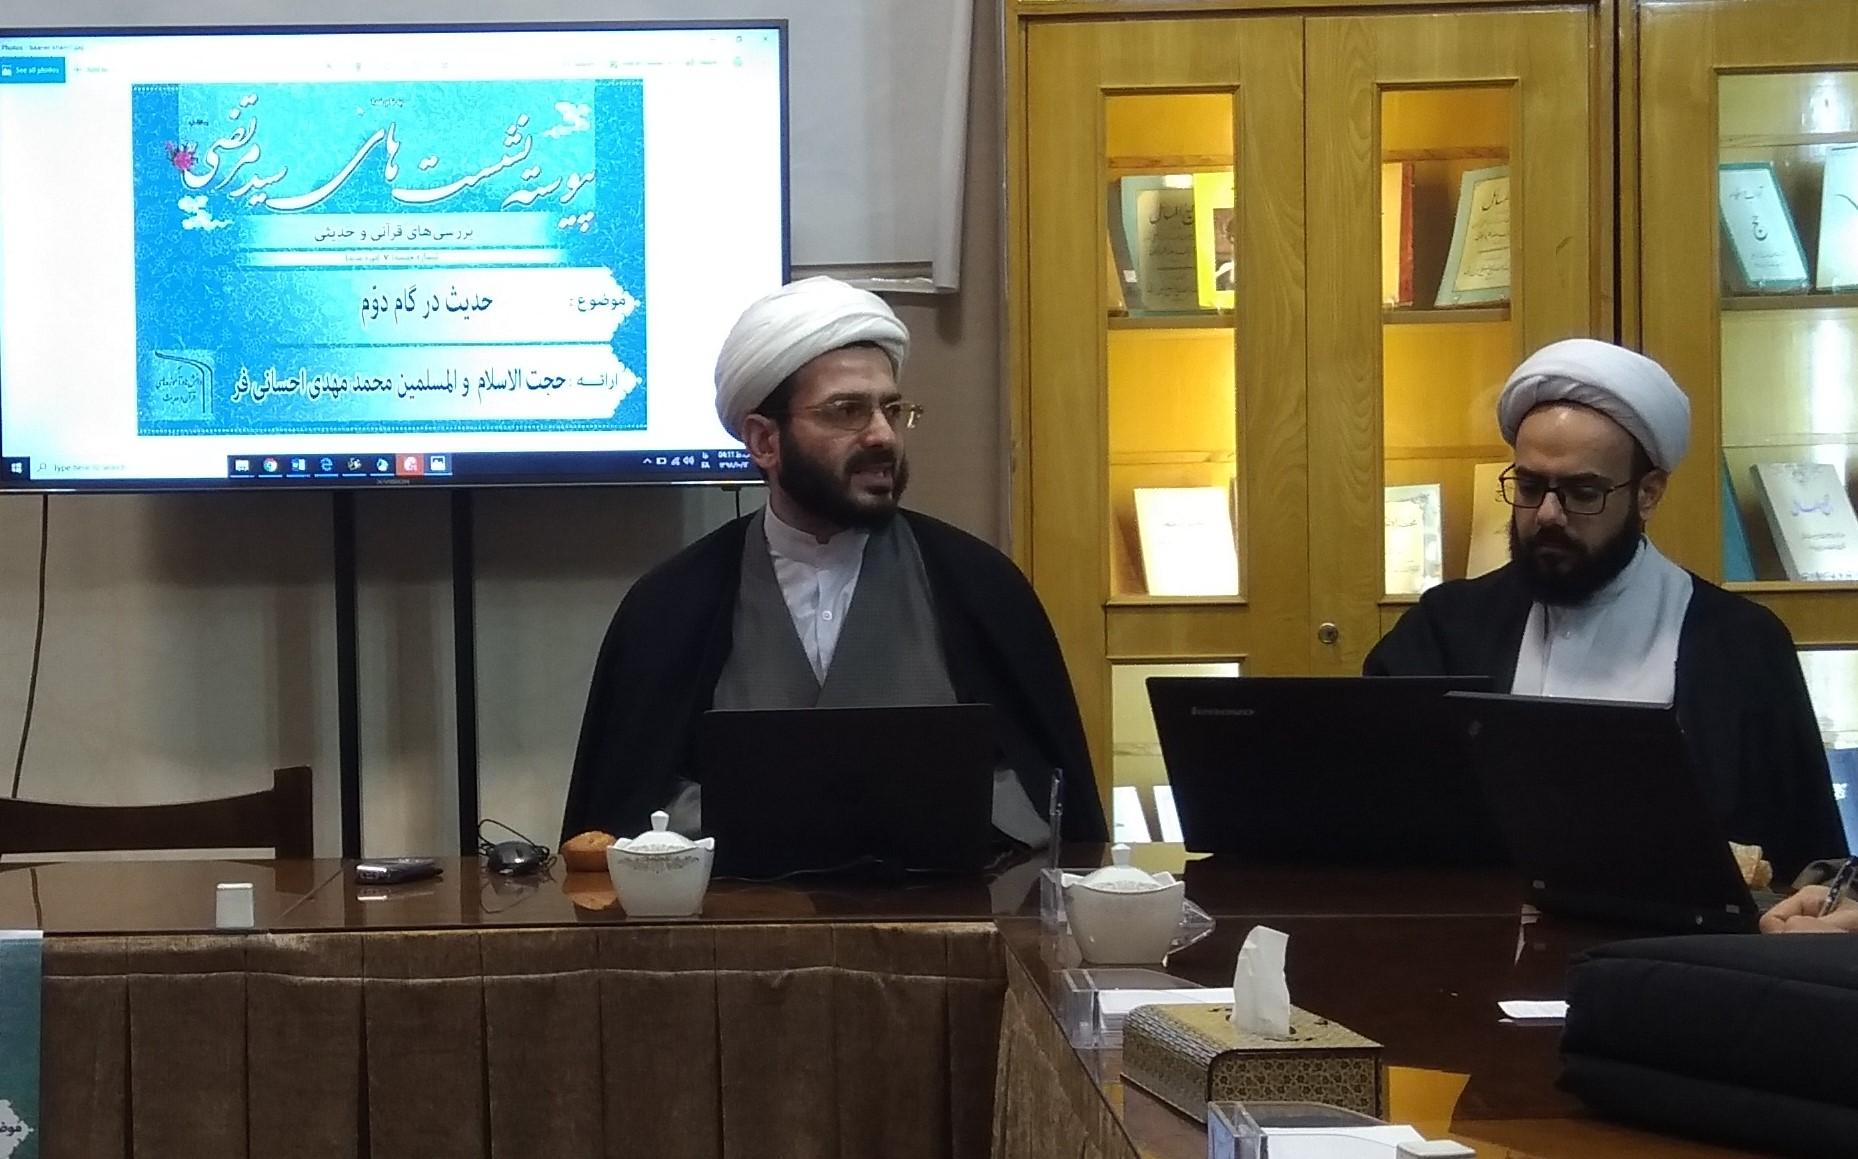 لزوم پیاده سازی گزارههای حدیثی در گام دوم | آزمایشگاه علوم اسلامی و انسانی نیاز ضروری است